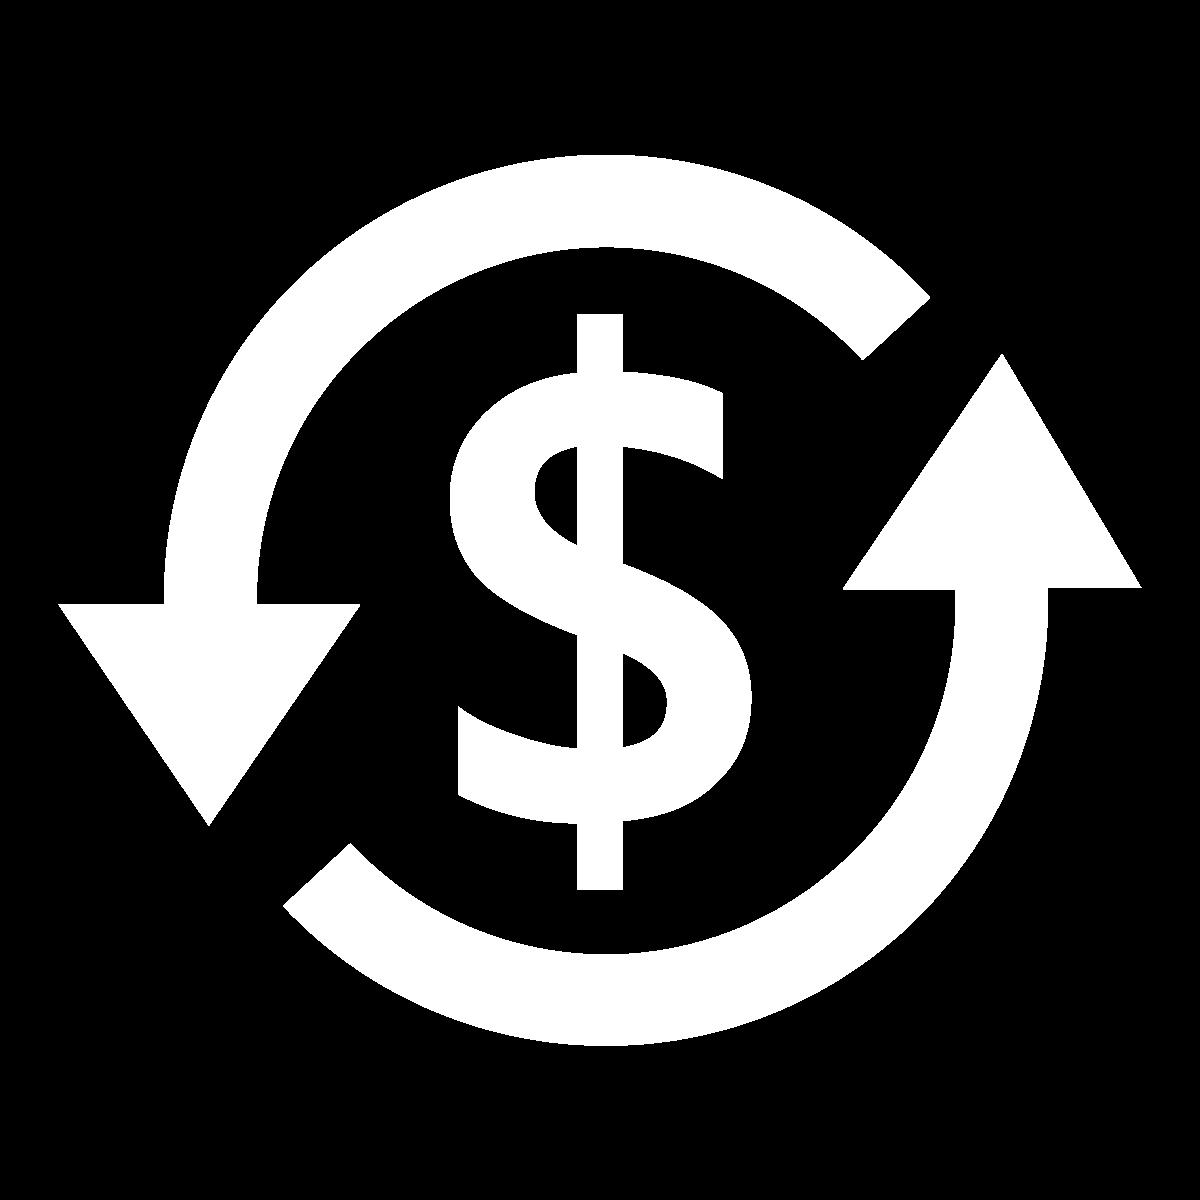 Essas 3 Ações nos Fizeram Economizar Em Torno de R$ 49.000,00